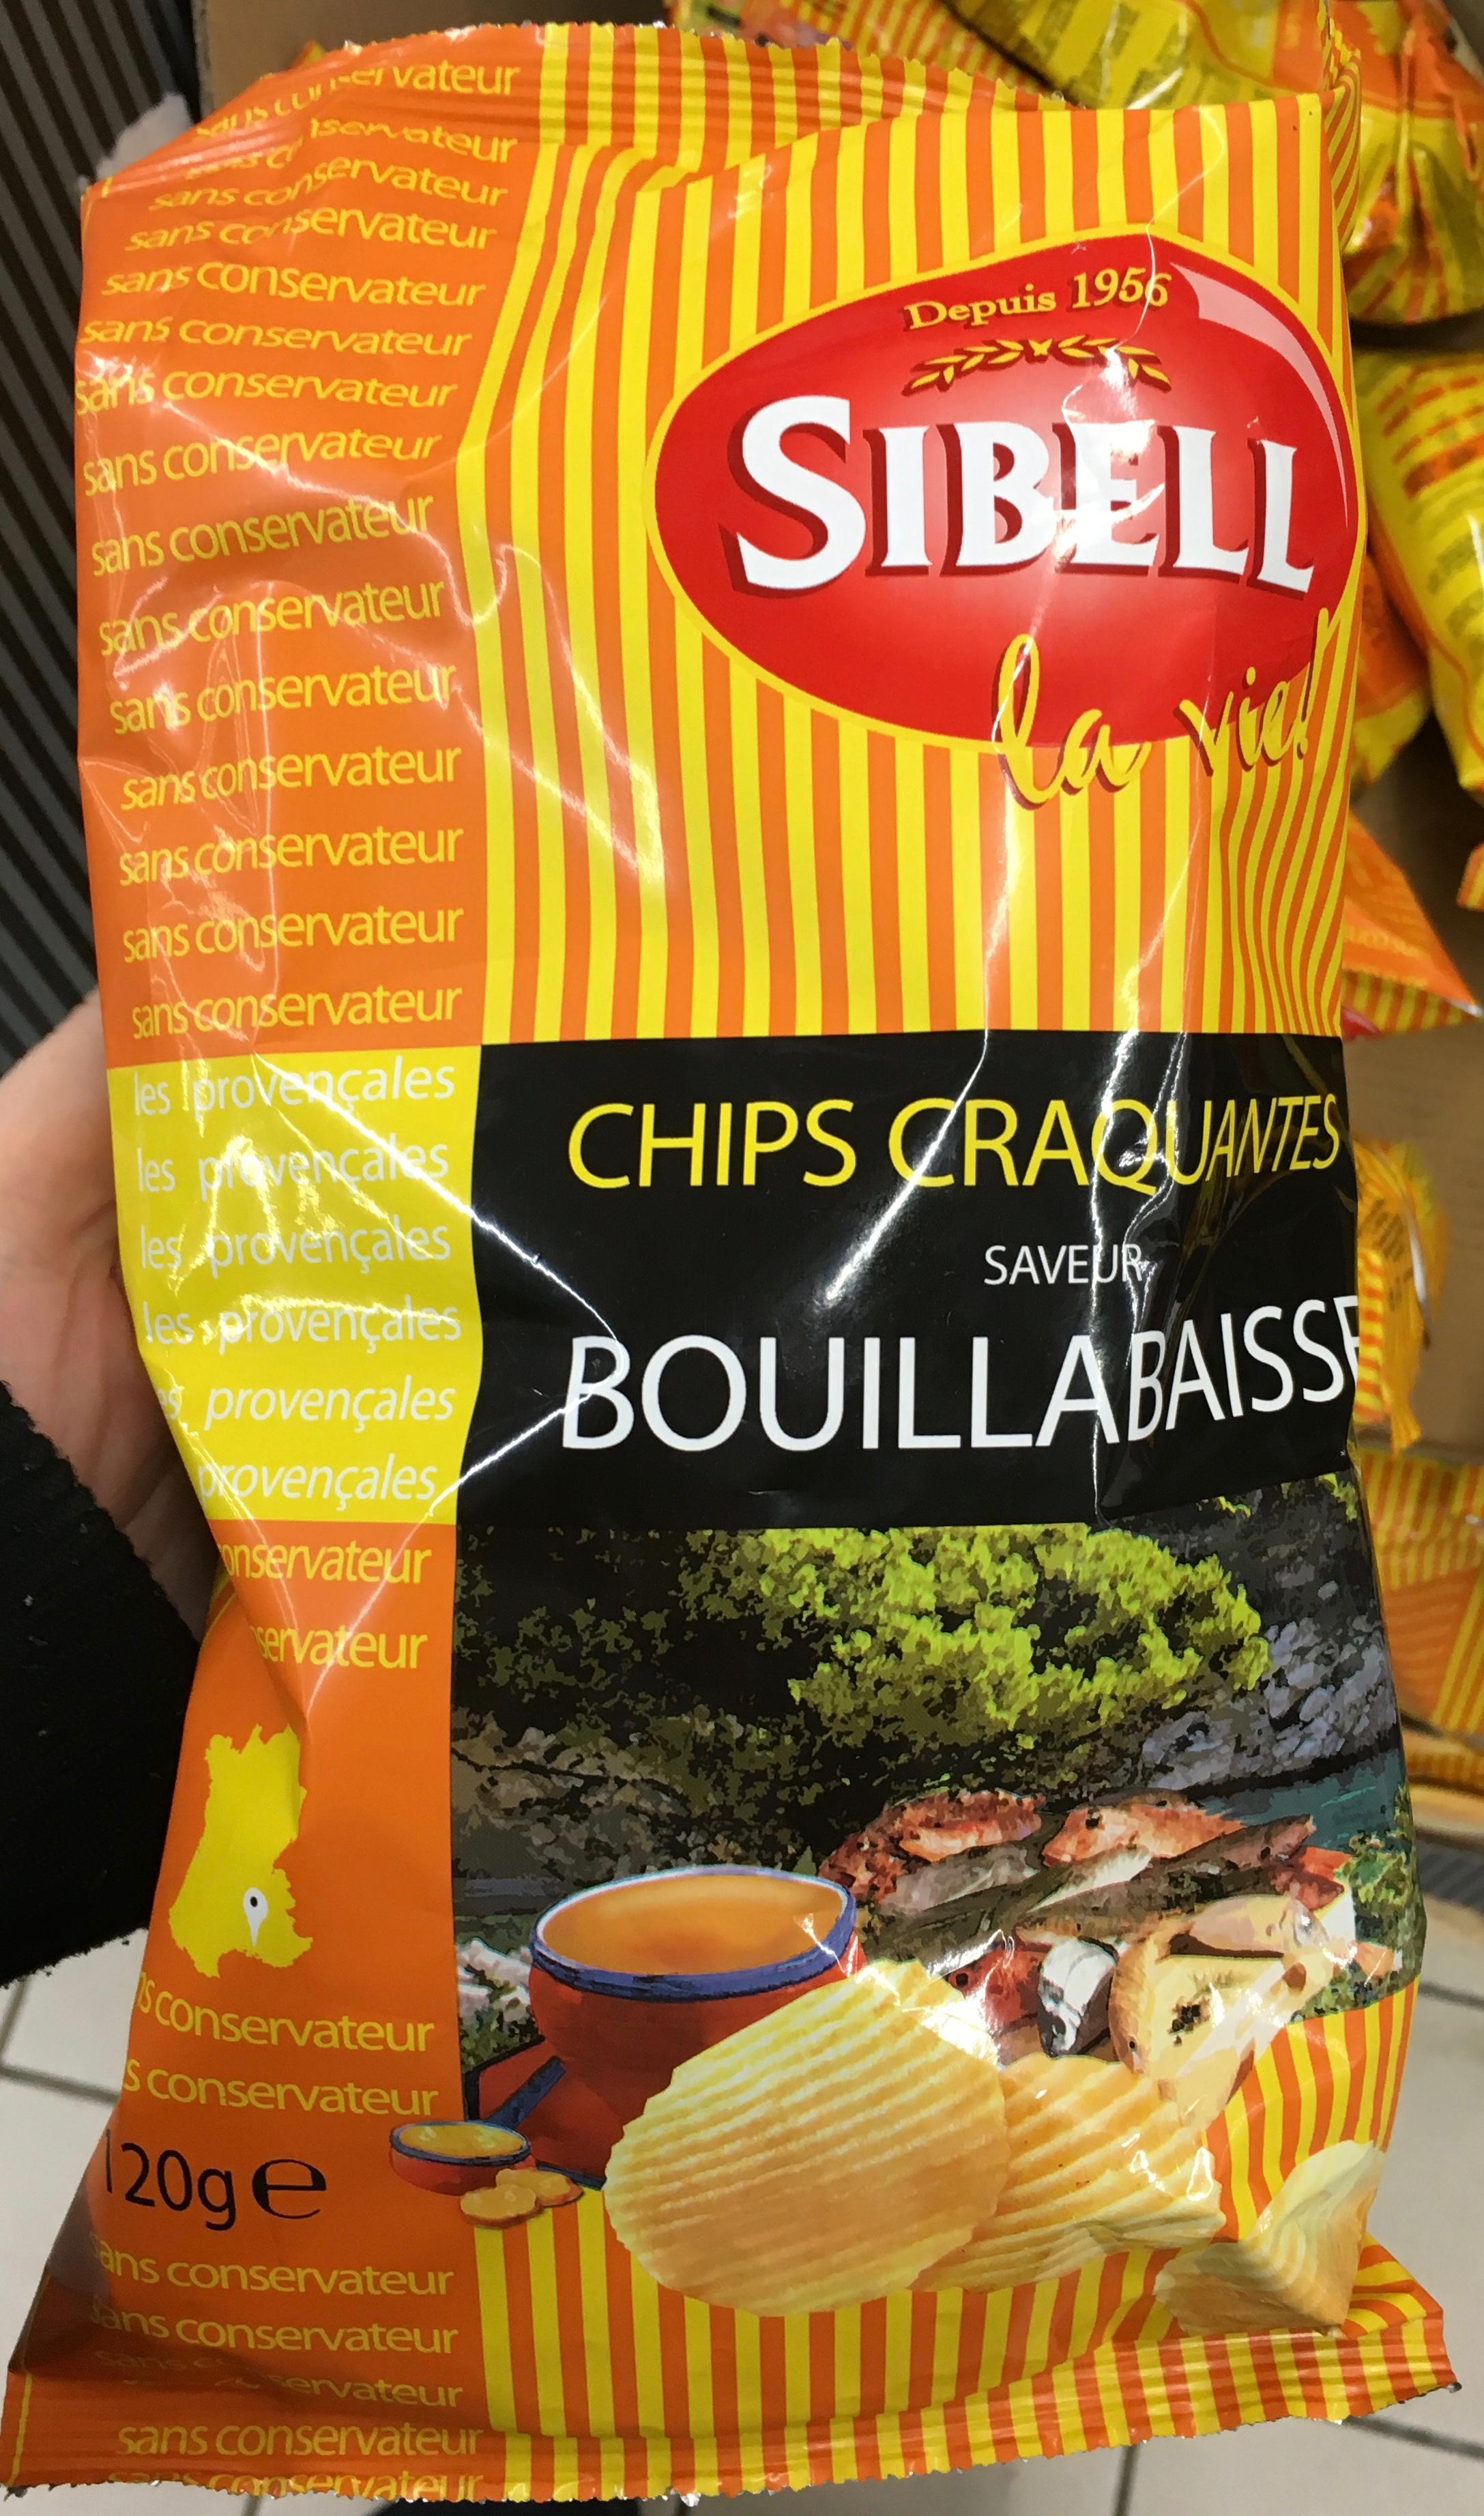 Chips craquantes saveur bouillabaisse - Produit - fr